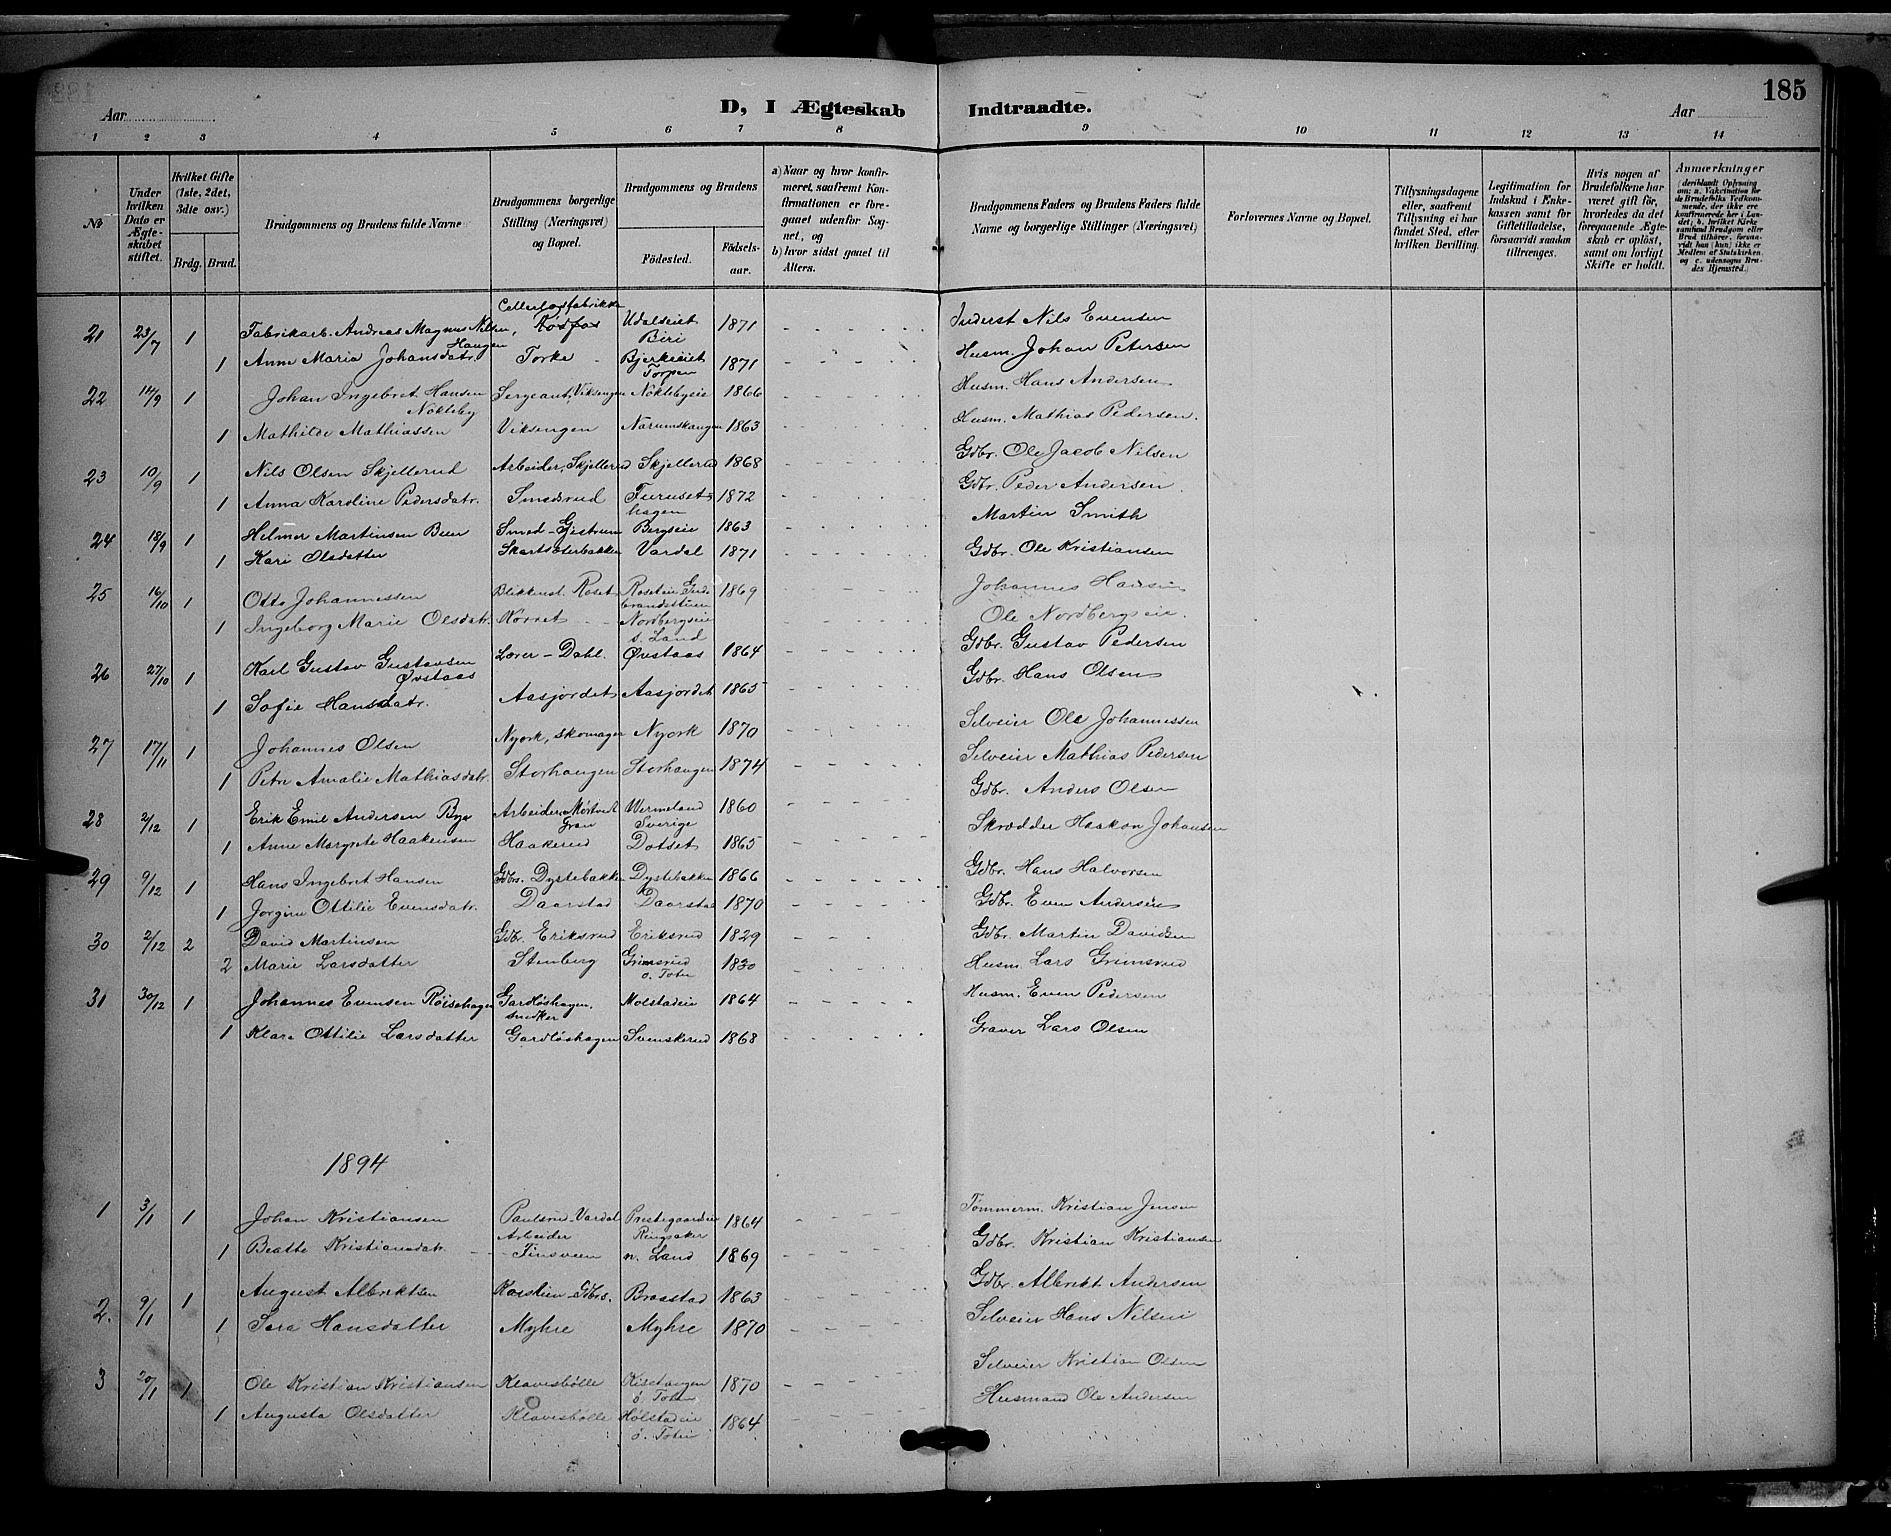 SAH, Vestre Toten prestekontor, Klokkerbok nr. 9, 1888-1900, s. 185